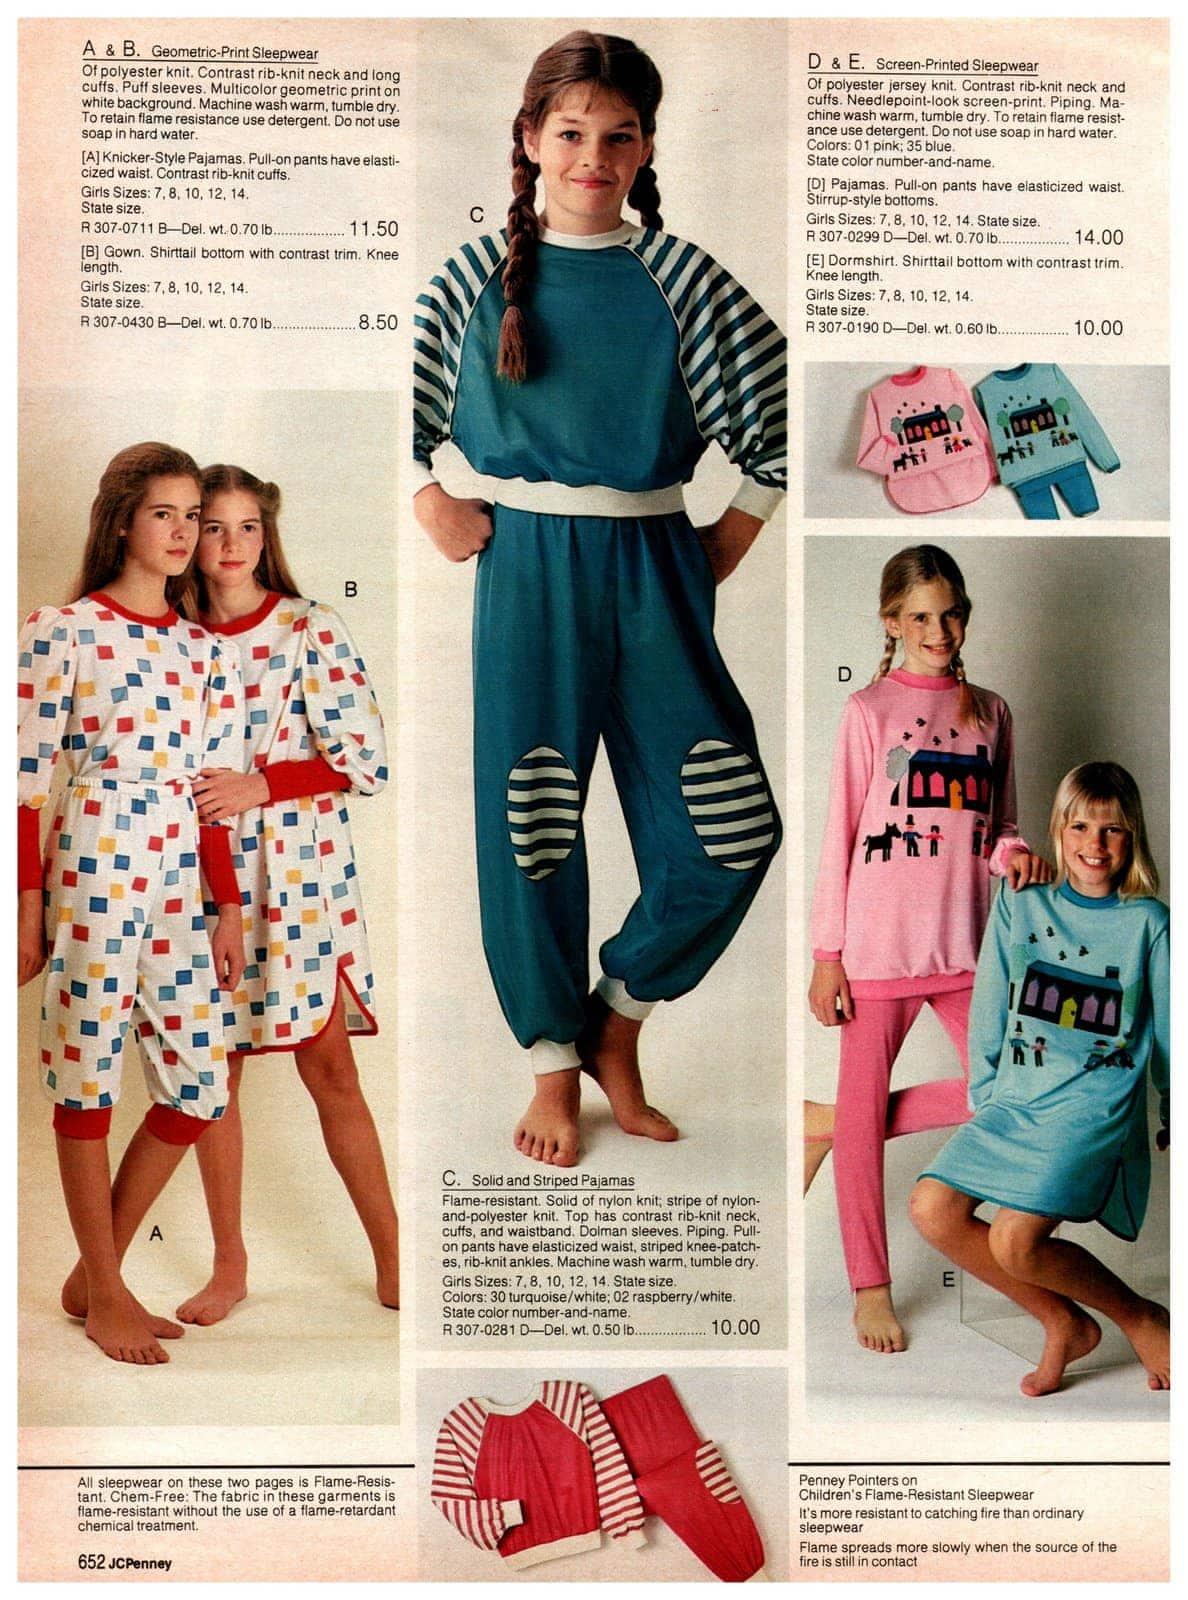 Vintage sleepwear - geometric prints, screen-printed sleepwear, solid and striped knit pajamas